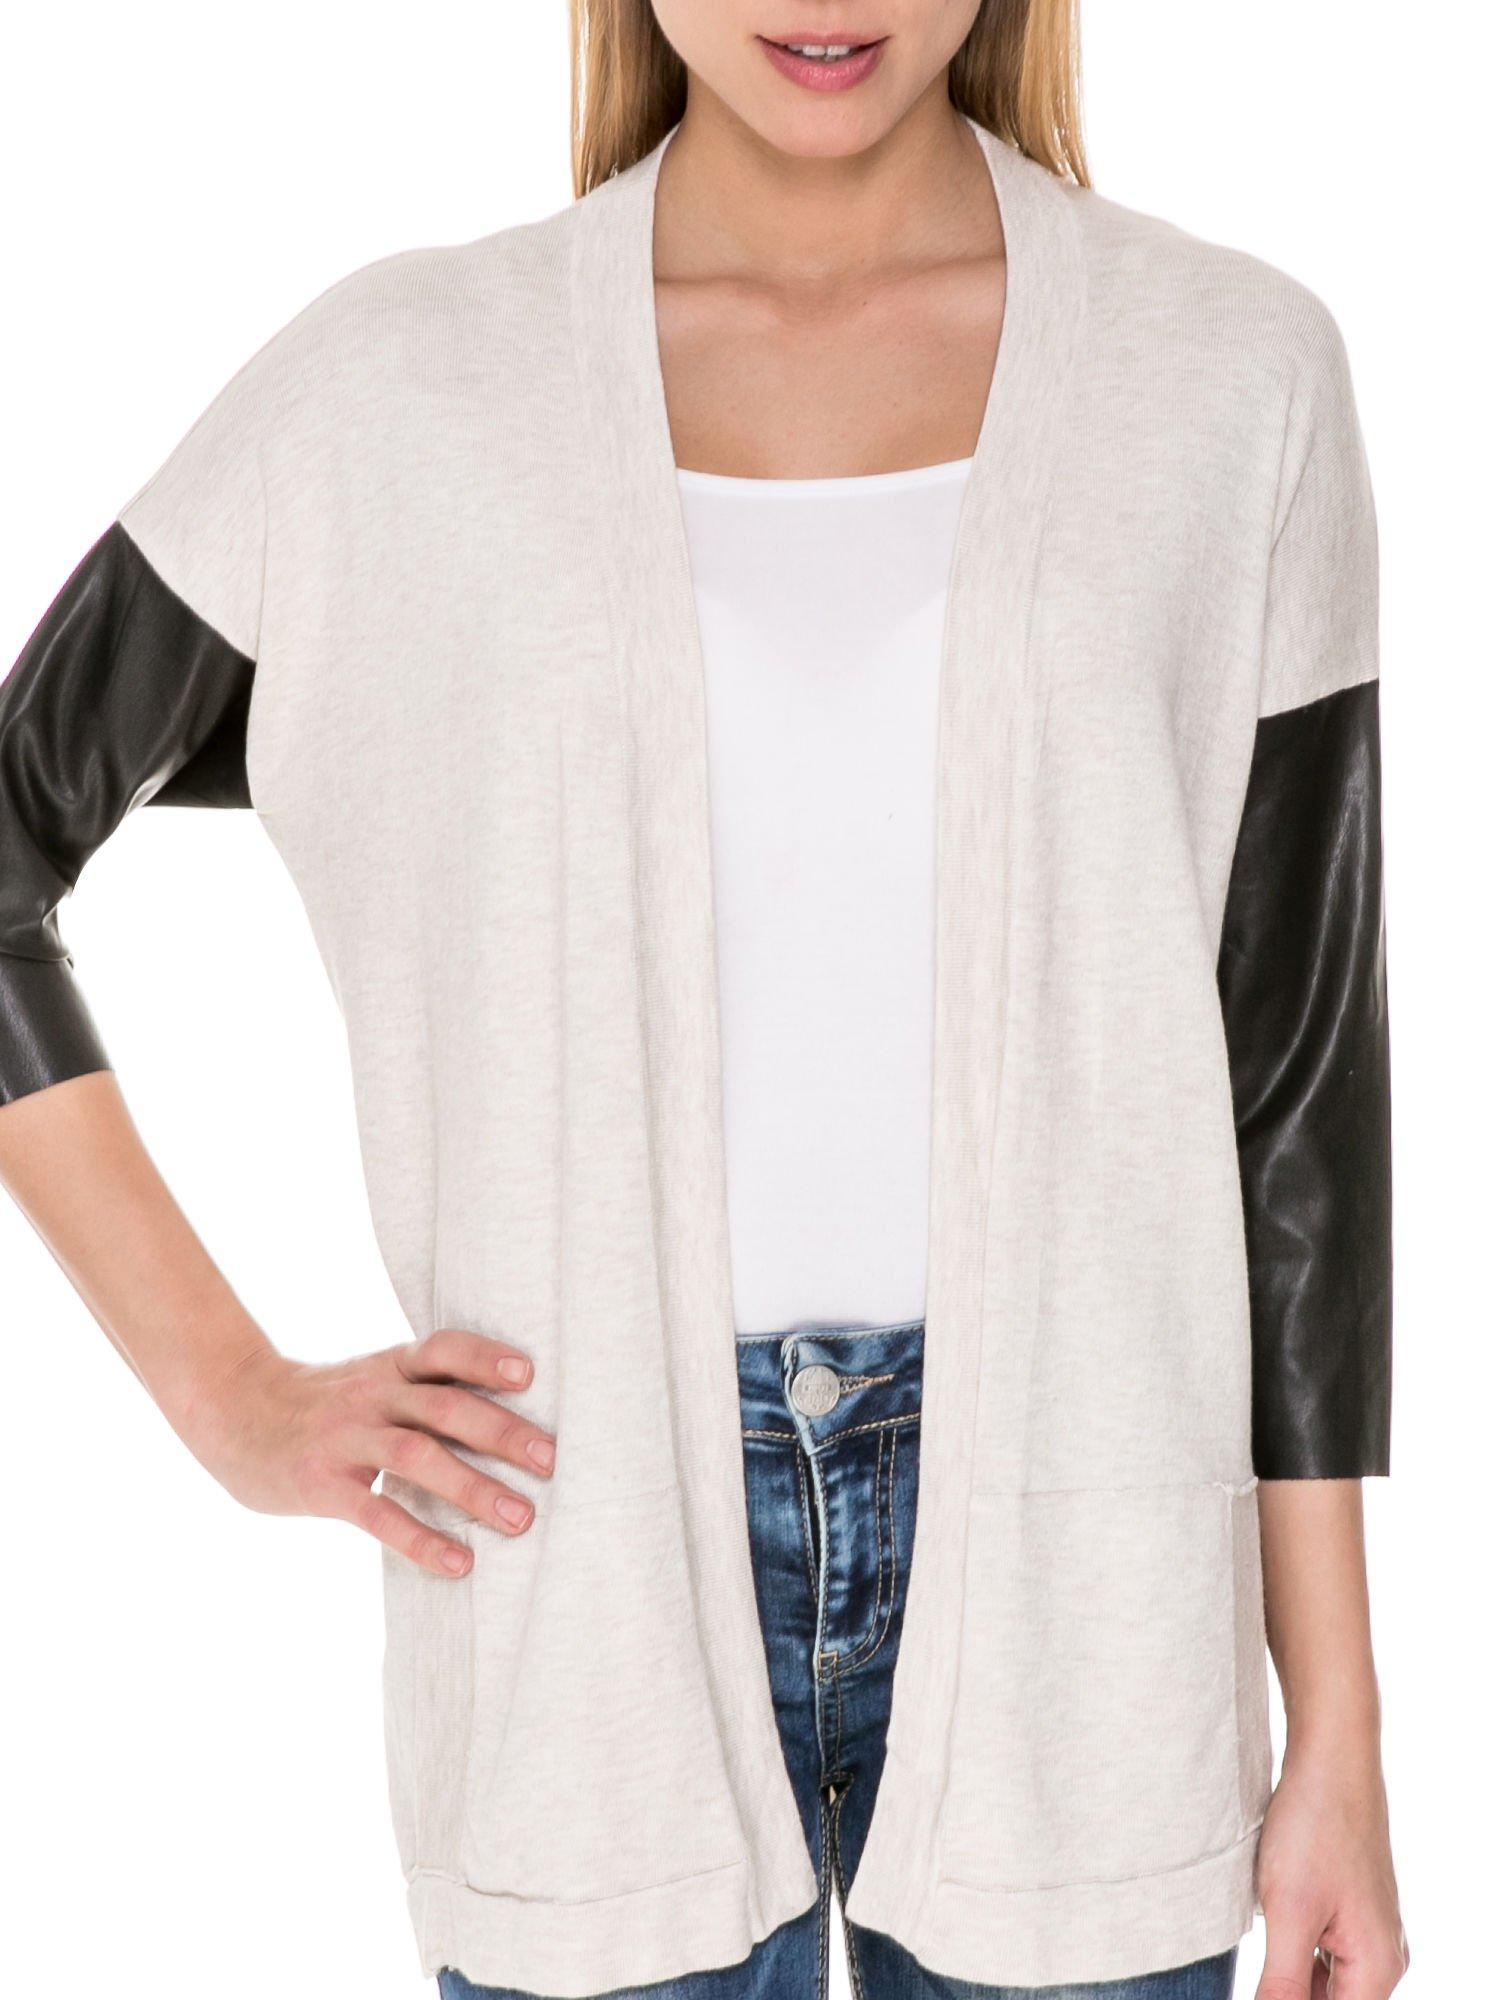 Beżowy sweter kardigan ze skórzanym rękawami 3/4                                  zdj.                                  5